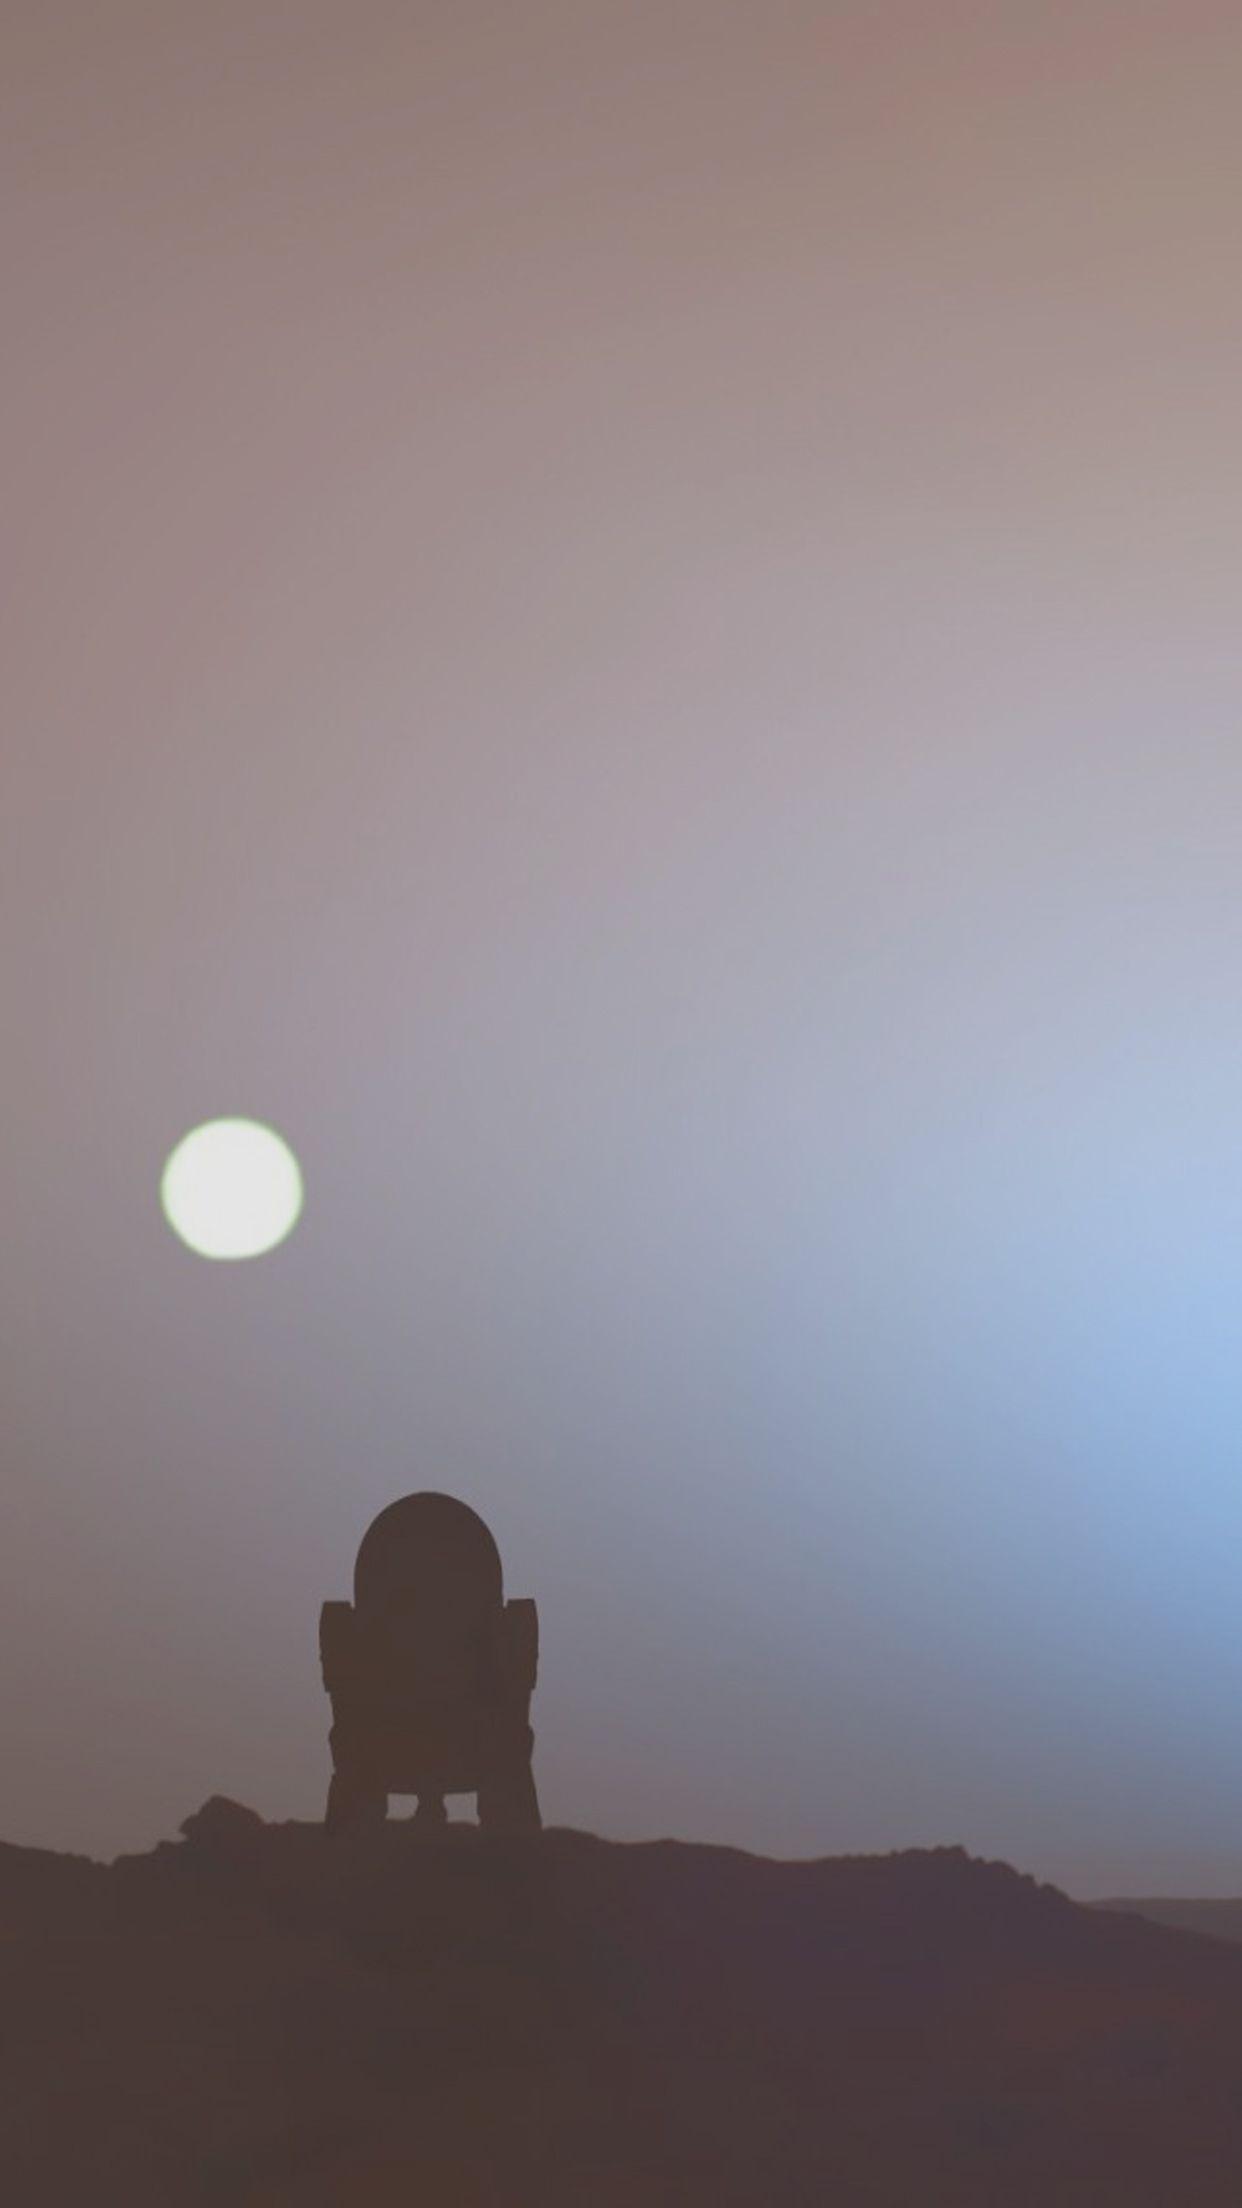 Minimalist Star Wars Iphone Wallpapers Top Free Minimalist Star